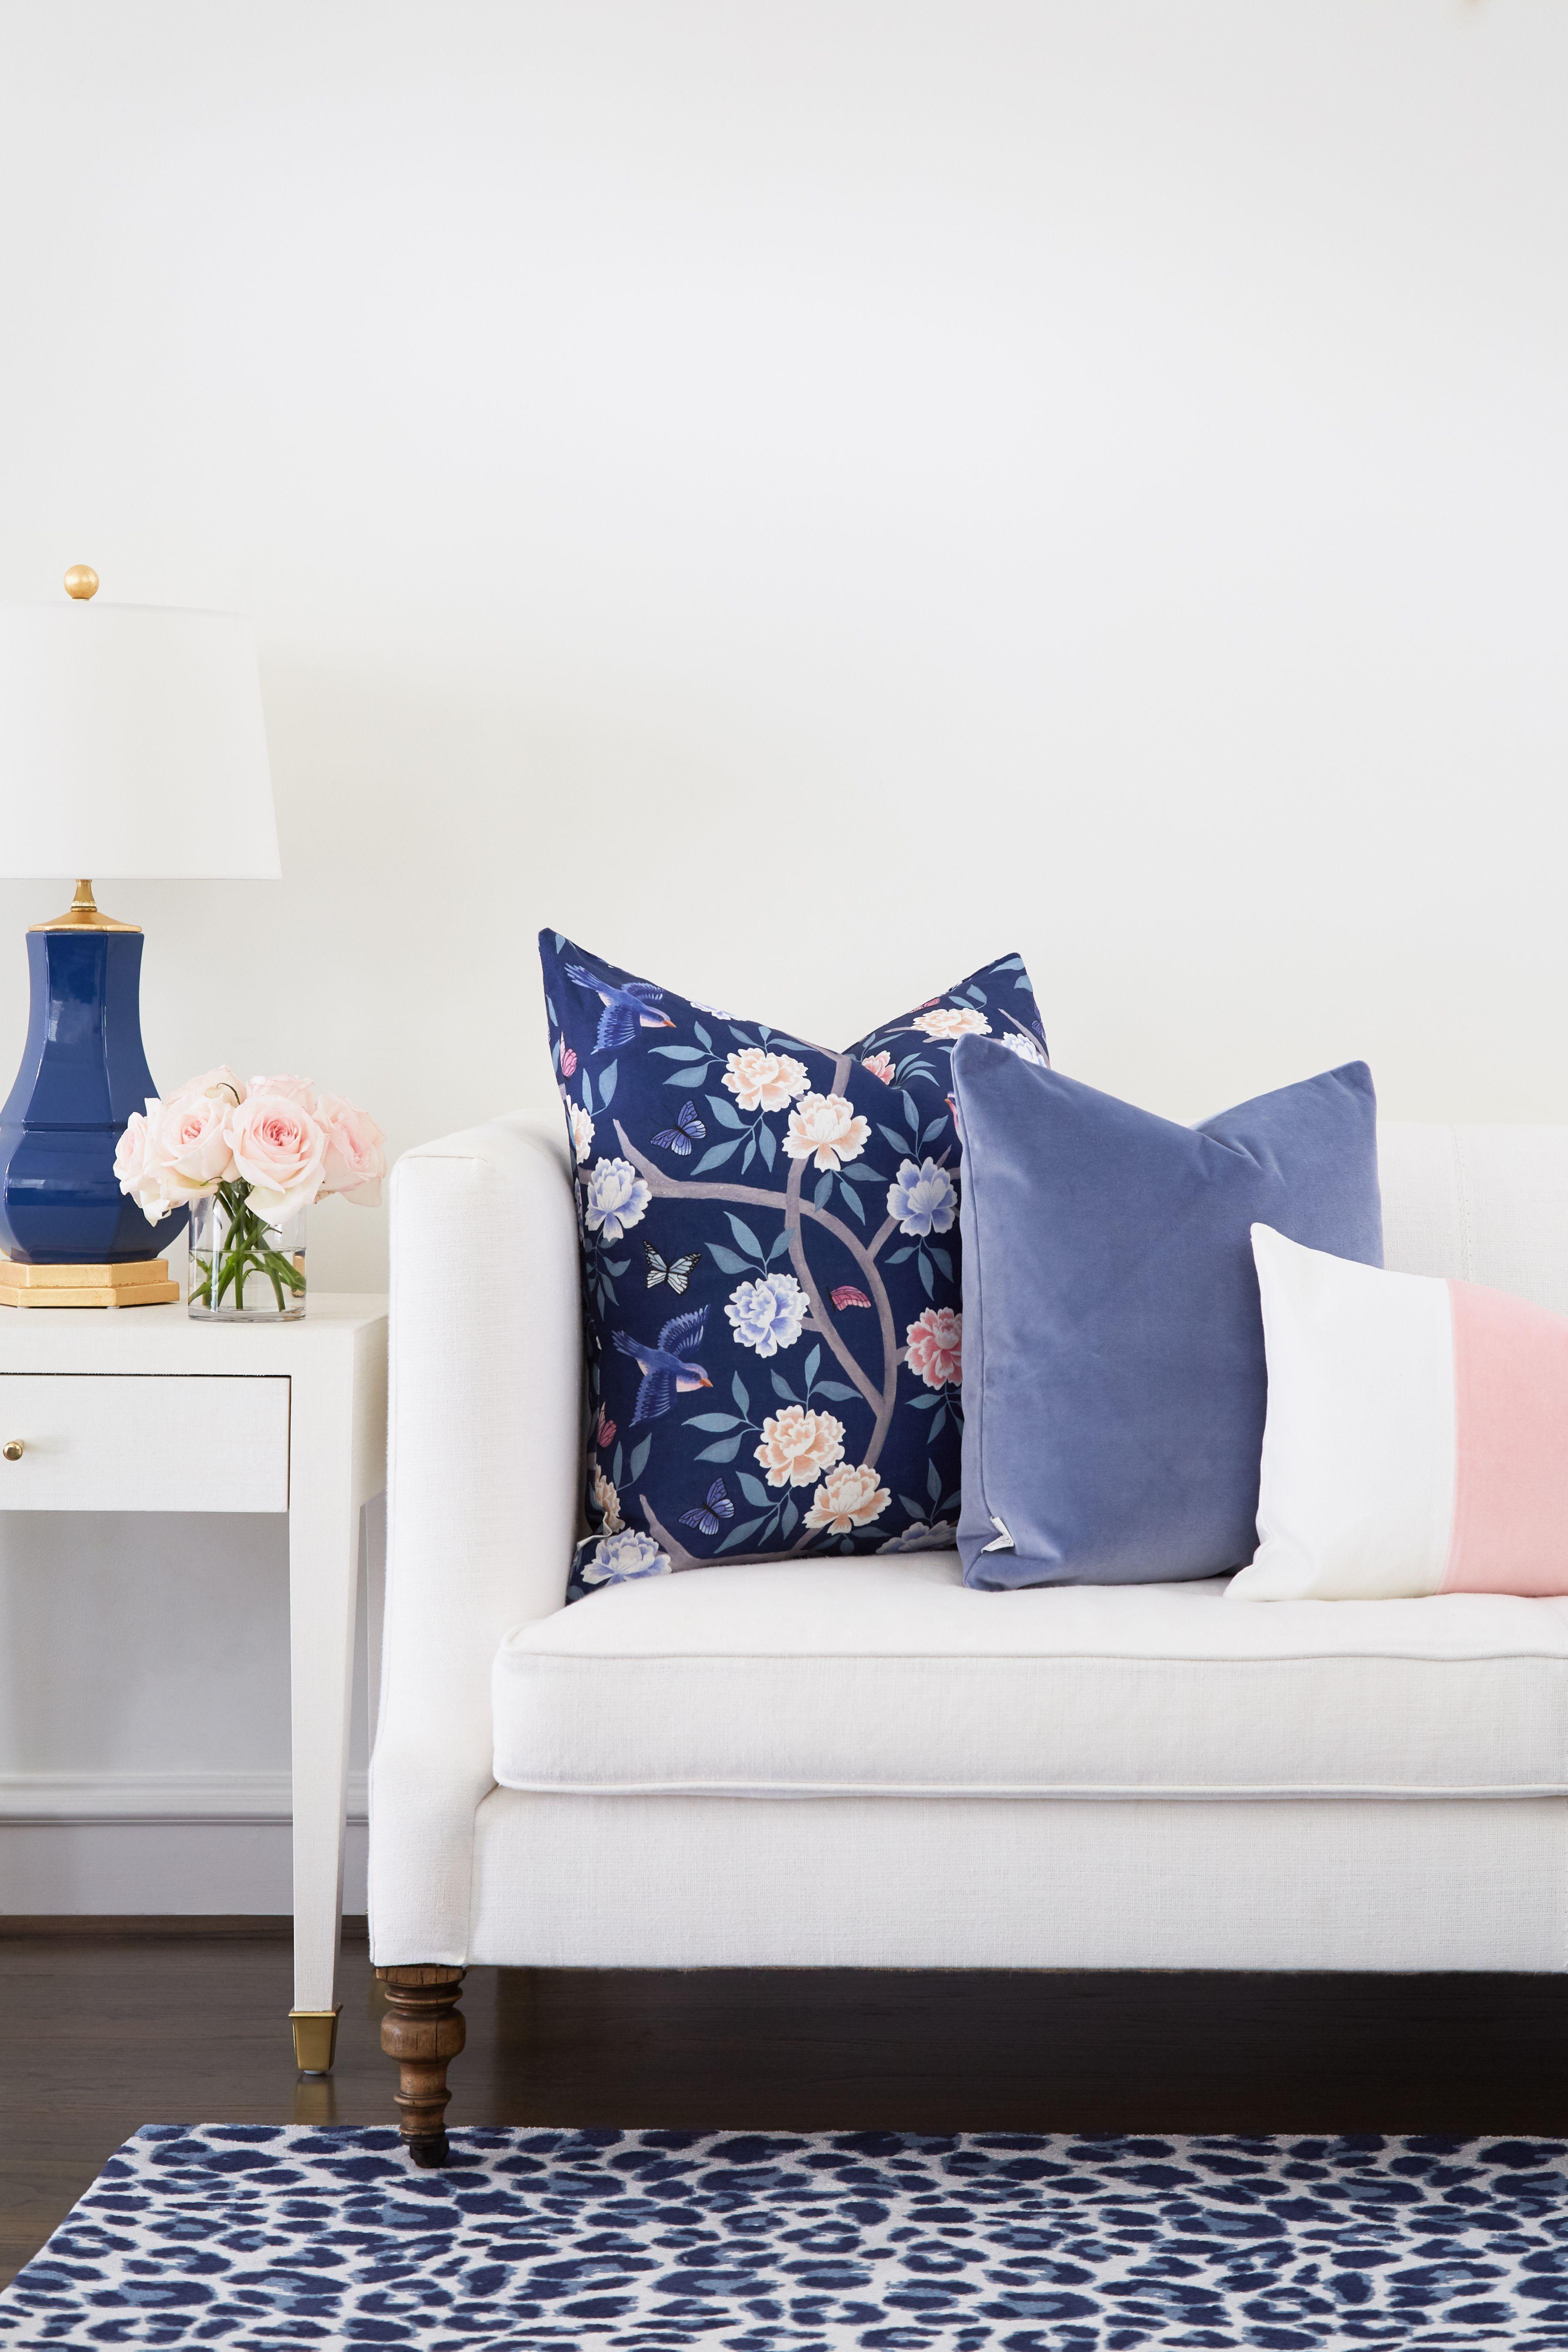 Eventide velvet pillow velvet pillows pillows and room